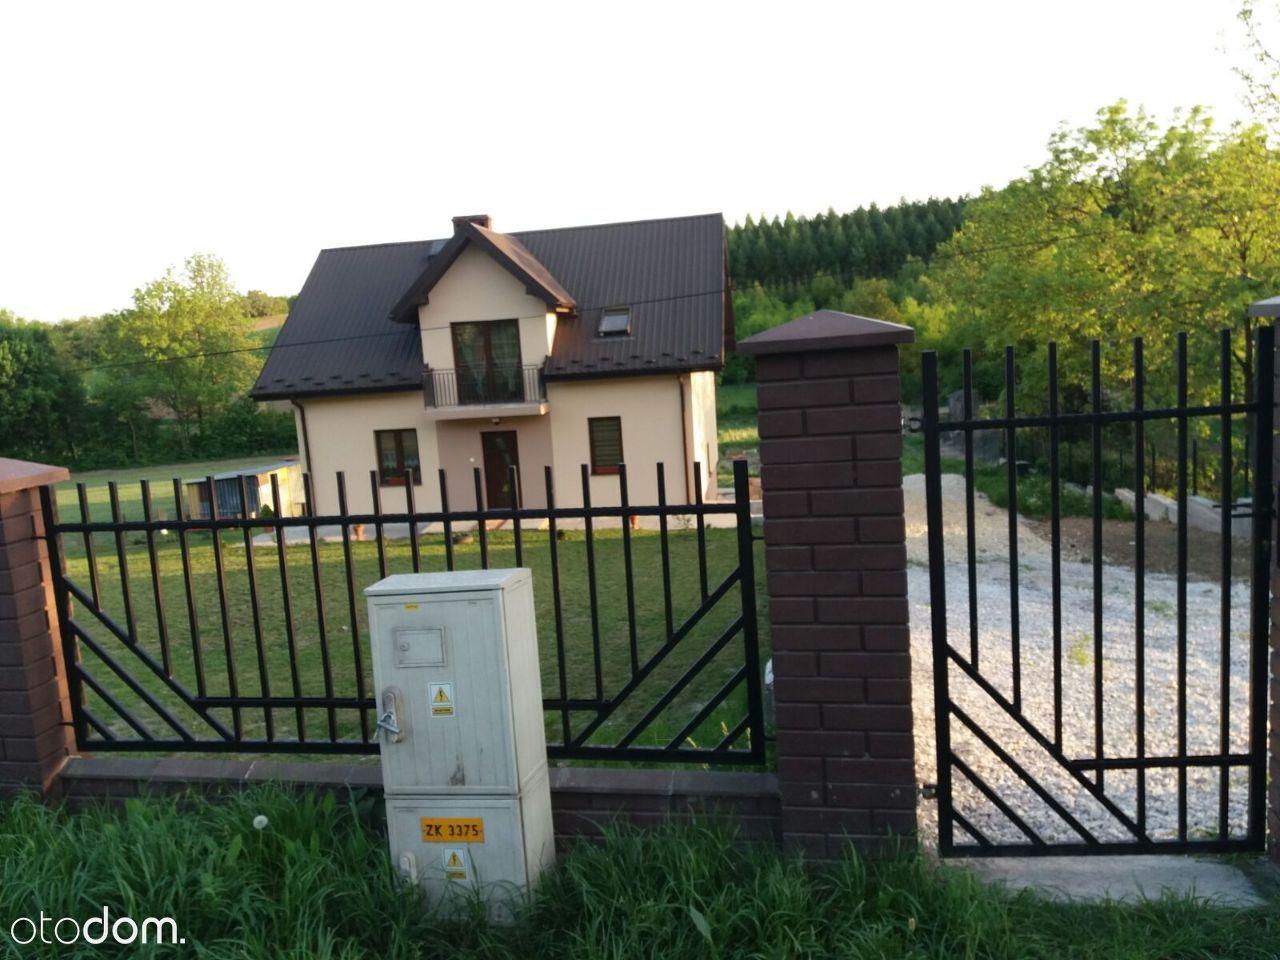 Dom na sprzedaż, Pełczyska, pińczowski, świętokrzyskie - Foto 2